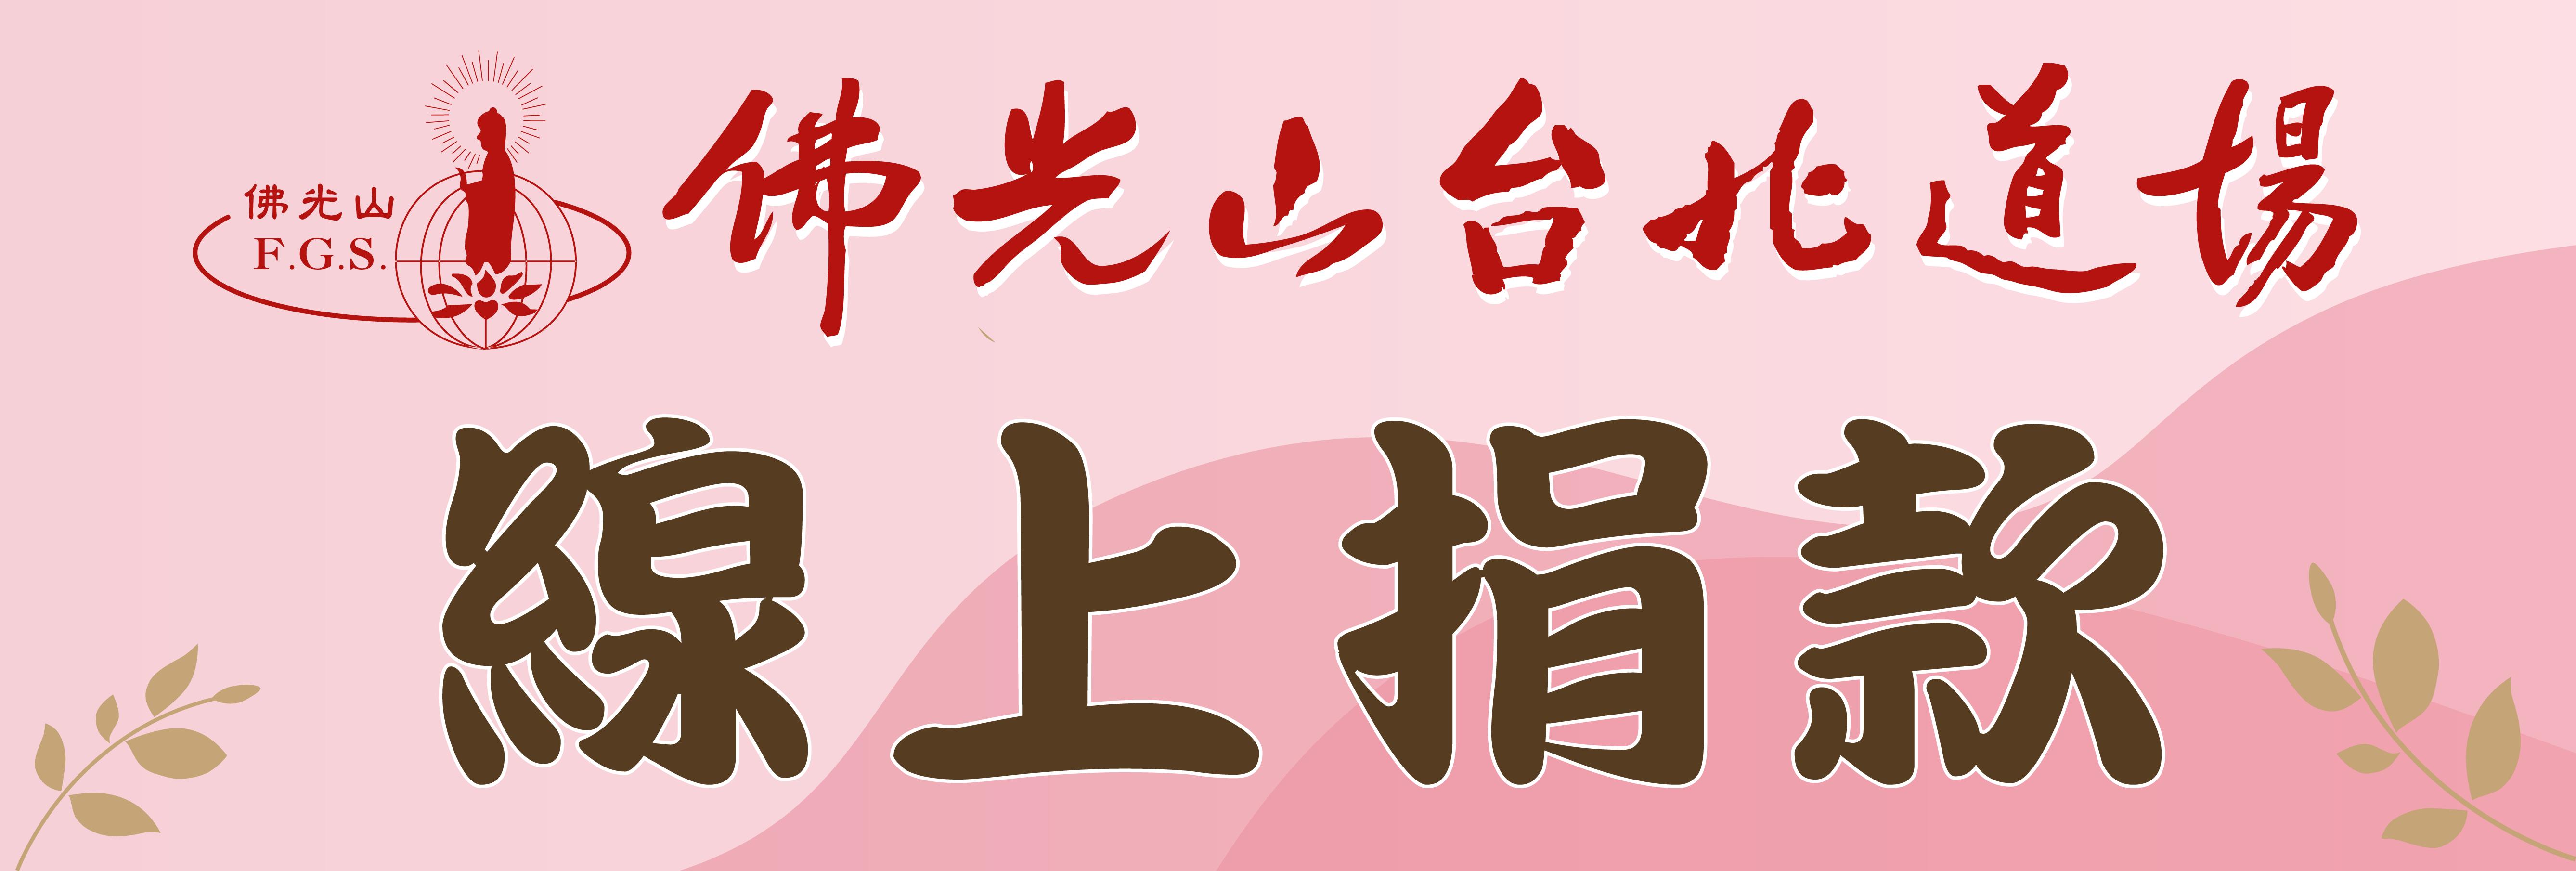 台北道場線上捐款